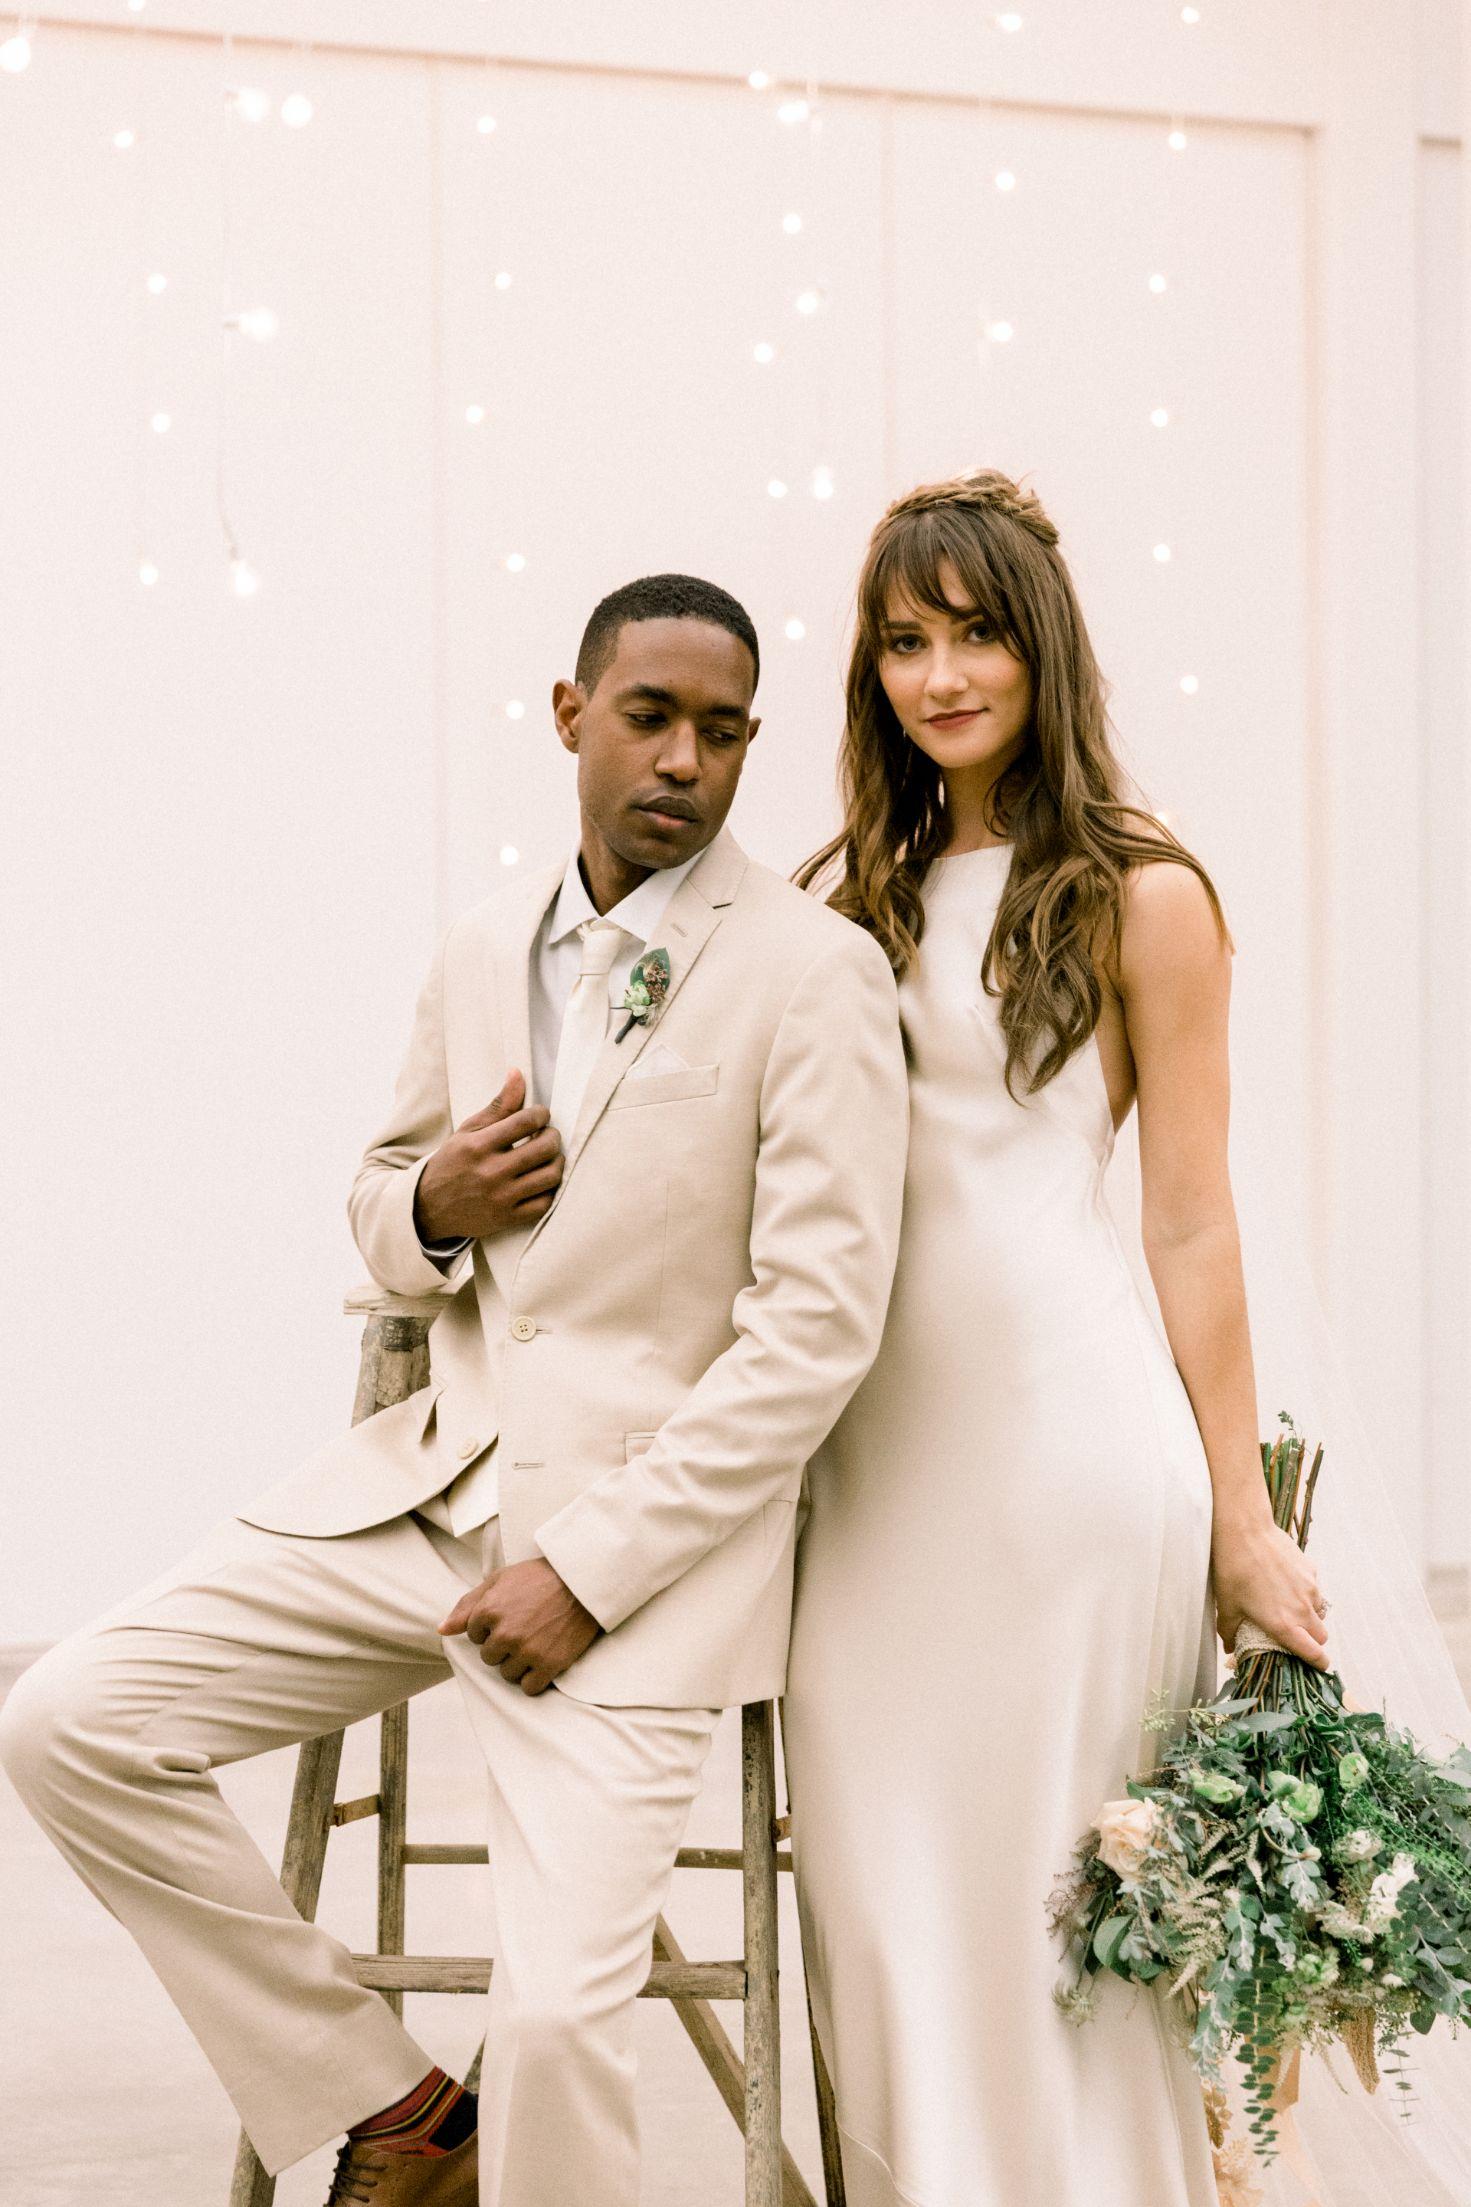 artists-for-humanity-industrial-bohemian-wedding-daylynn-designs328.jpg